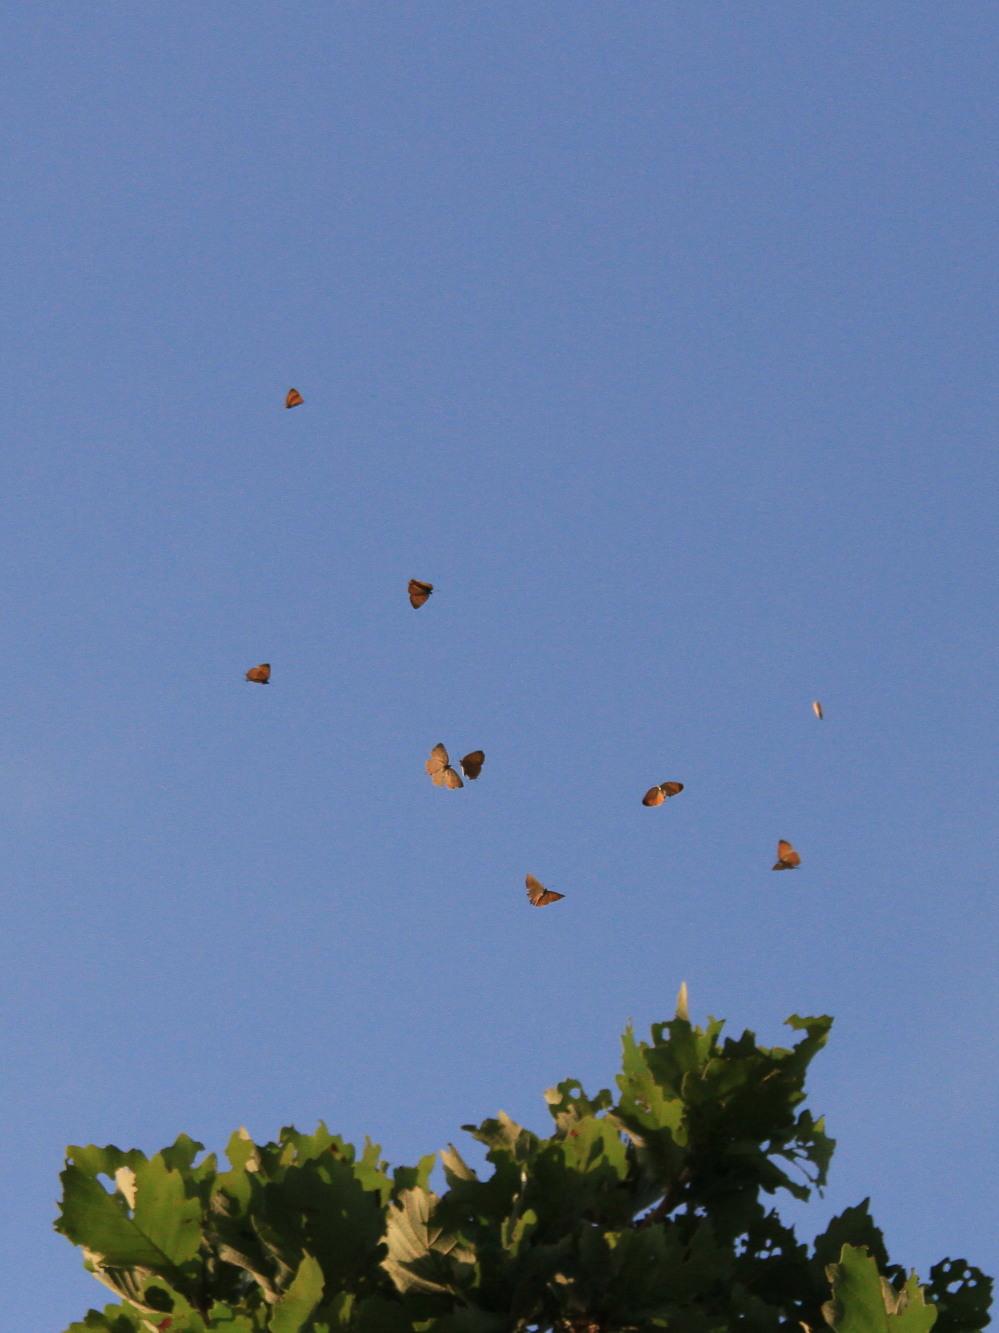 キタアカシジミ  黄昏の群れ飛翔  2013.7.15北海道43-final_a0146869_21202878.jpg